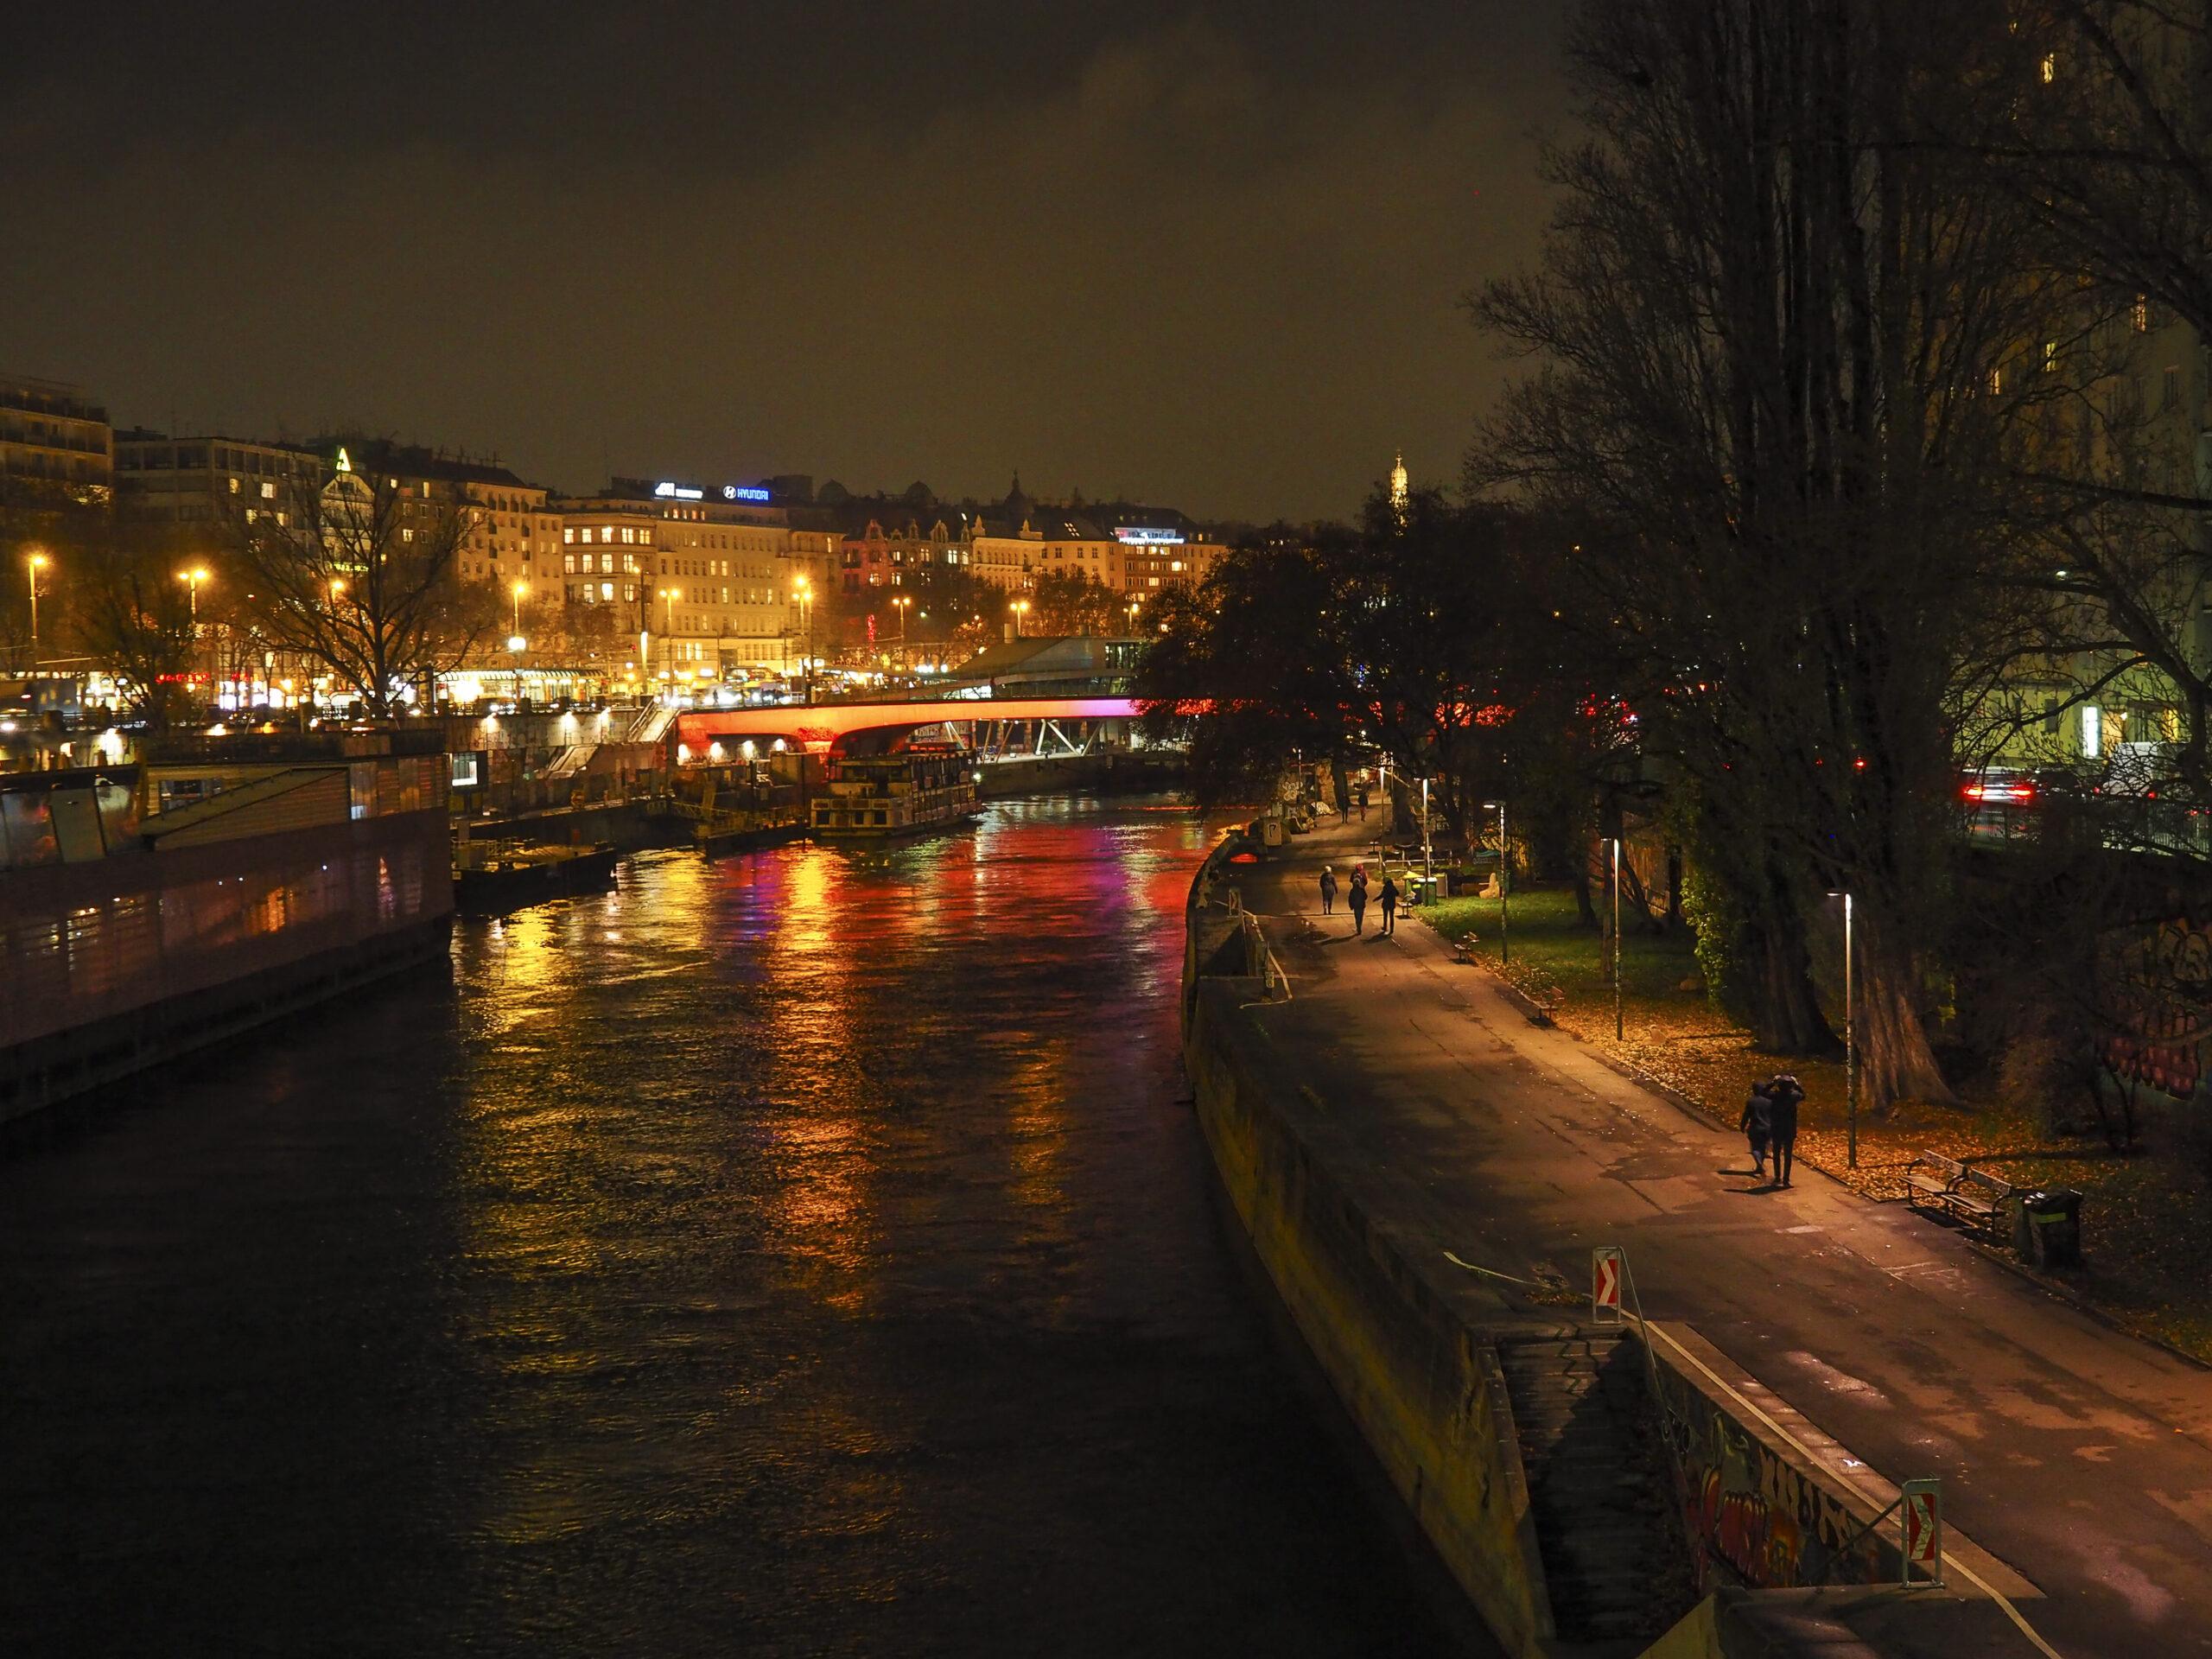 Wien bei Nacht mit bunten Lichtern